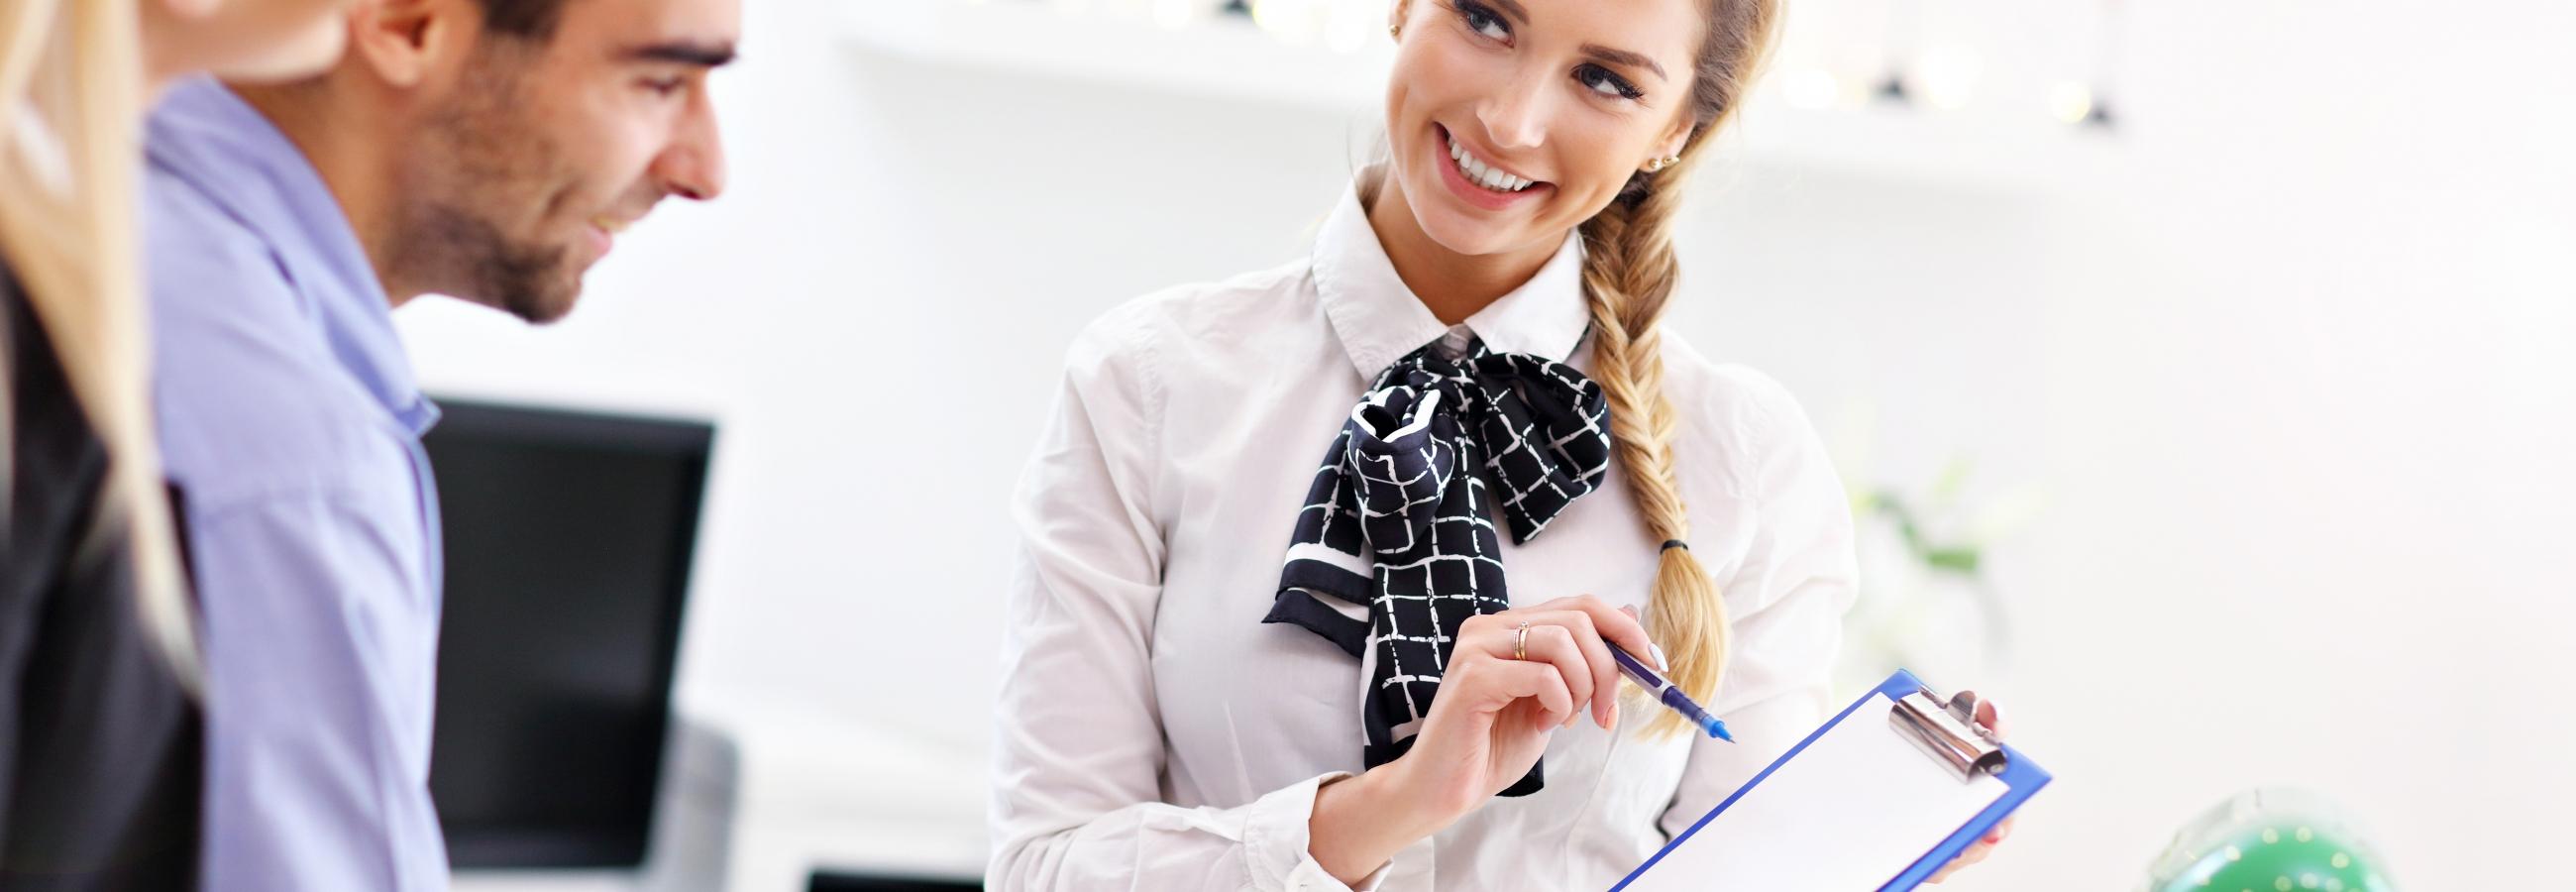 Instruktion durch die Kontaktperson Arbeitssicherheit und Gesundheitsschutz an Mitarbeitende